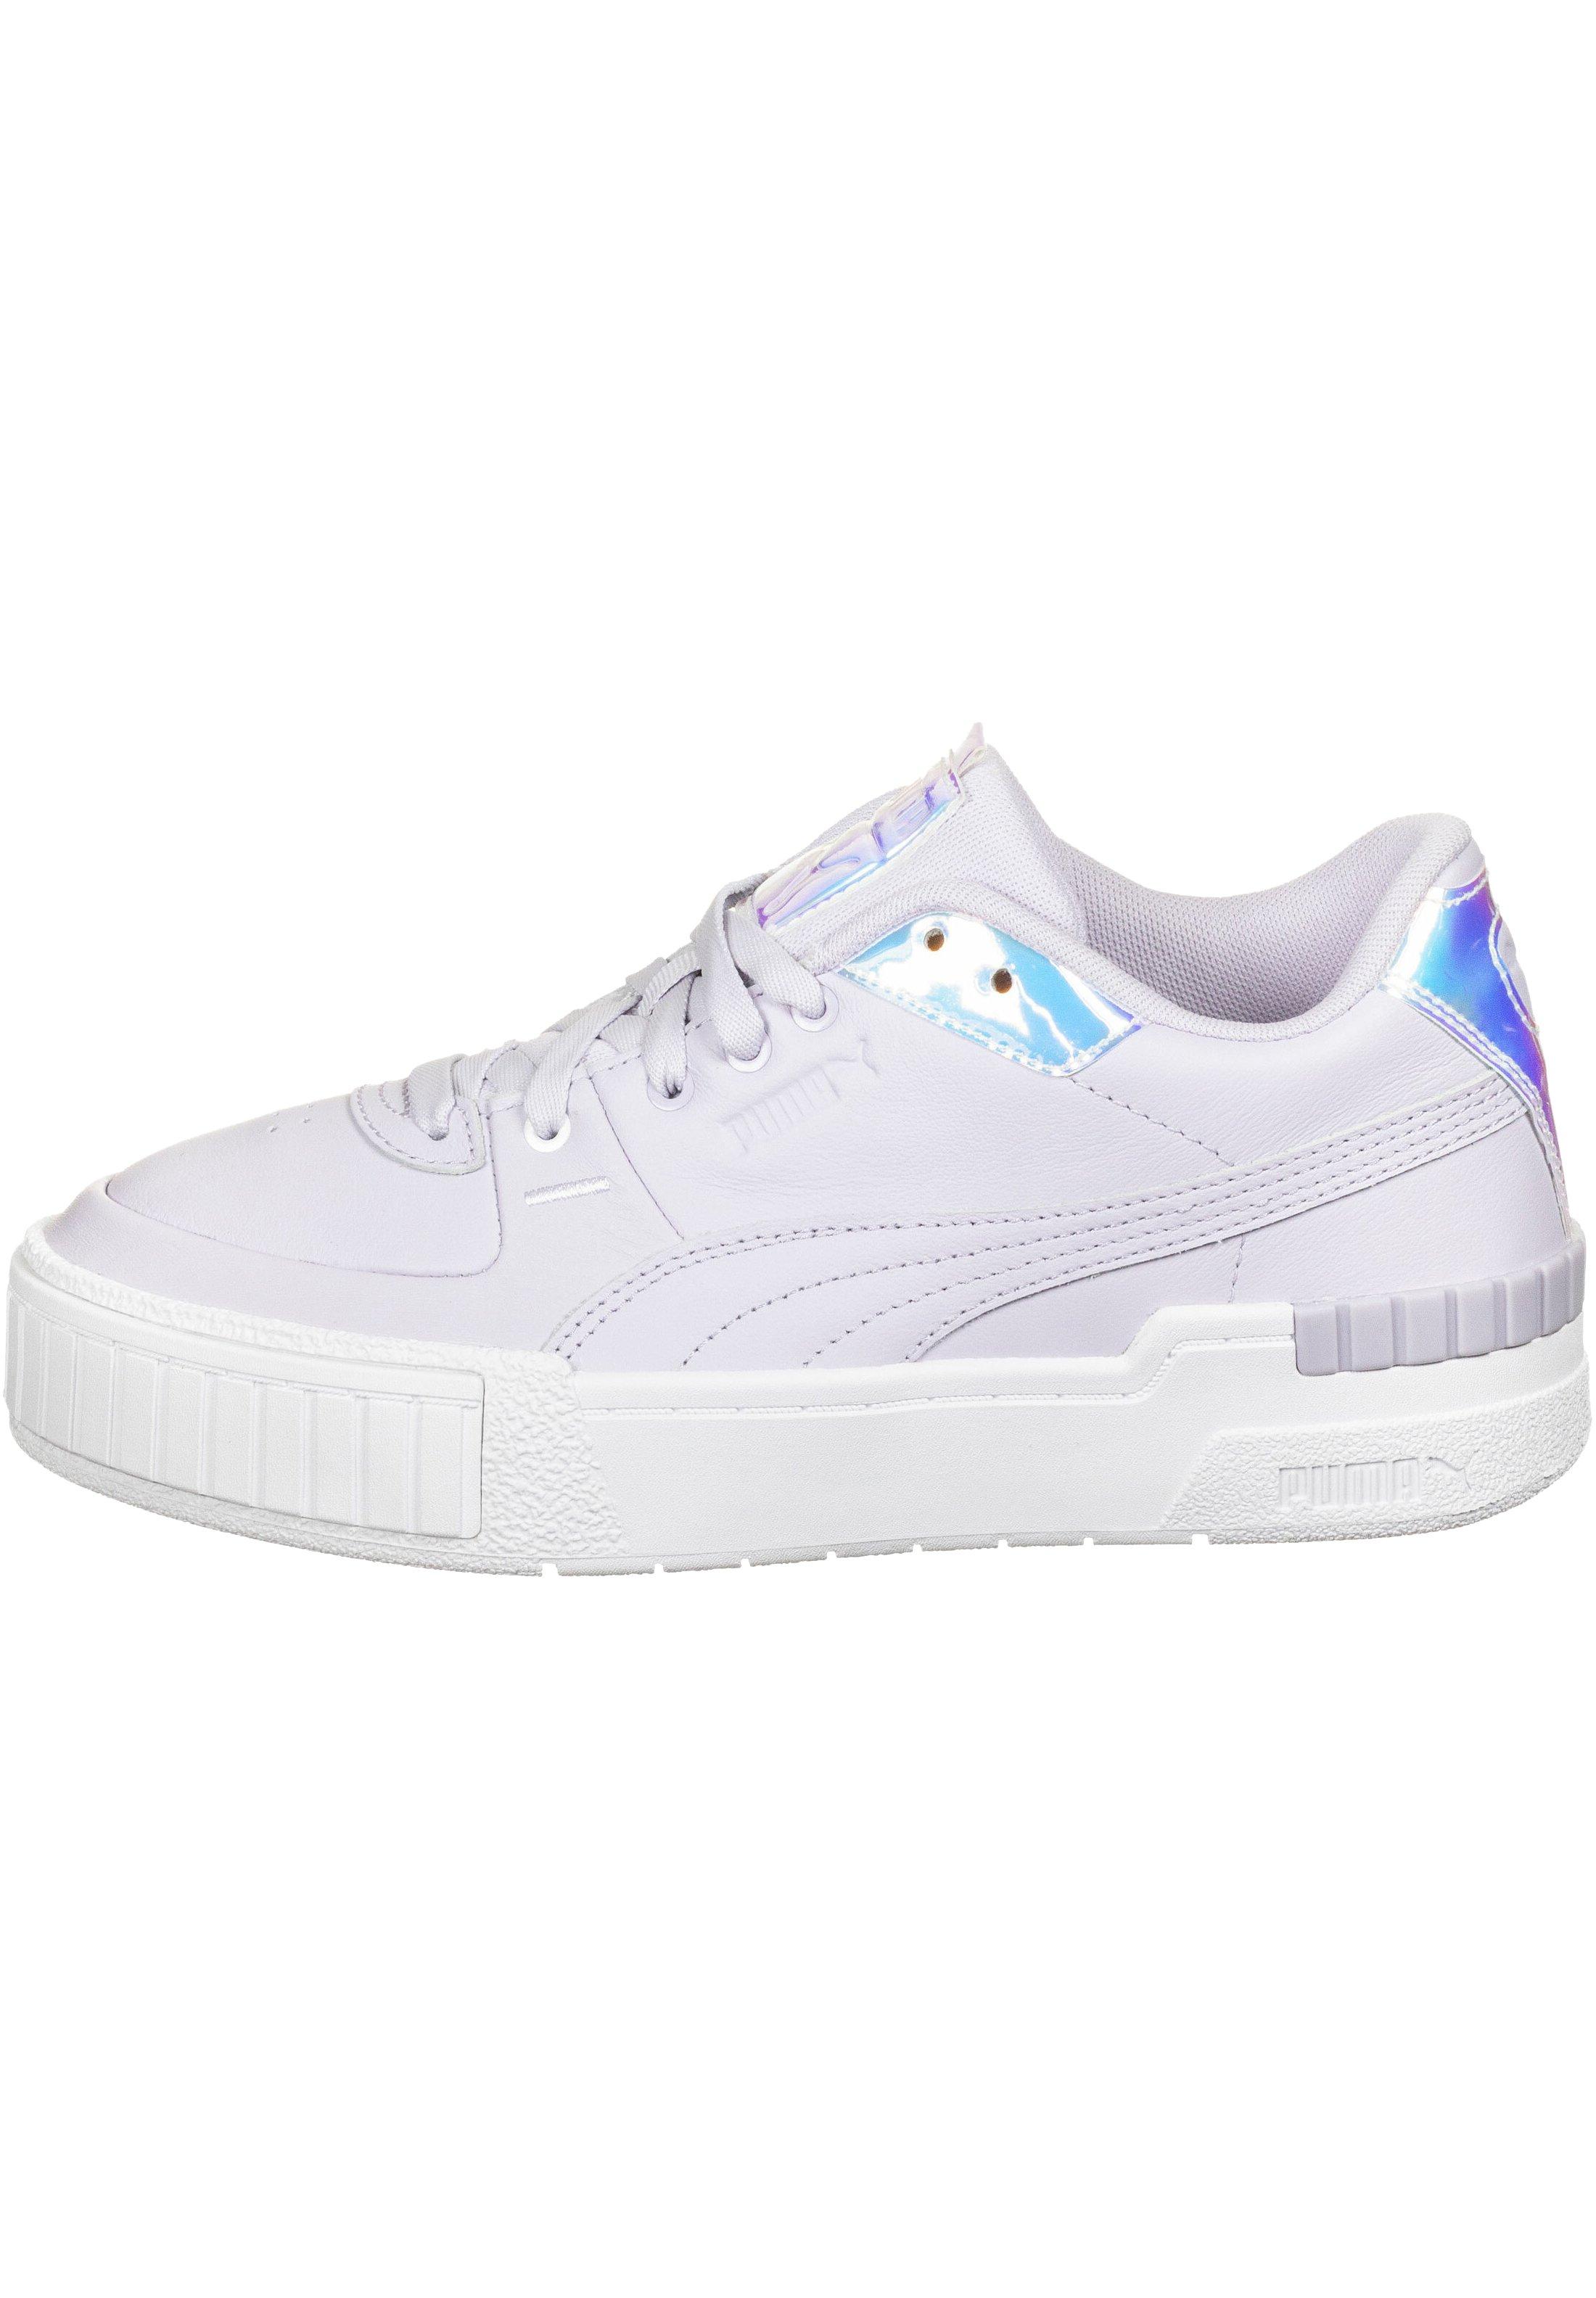 Sneakers femme lilas | Achetez en ligne sur Zalando